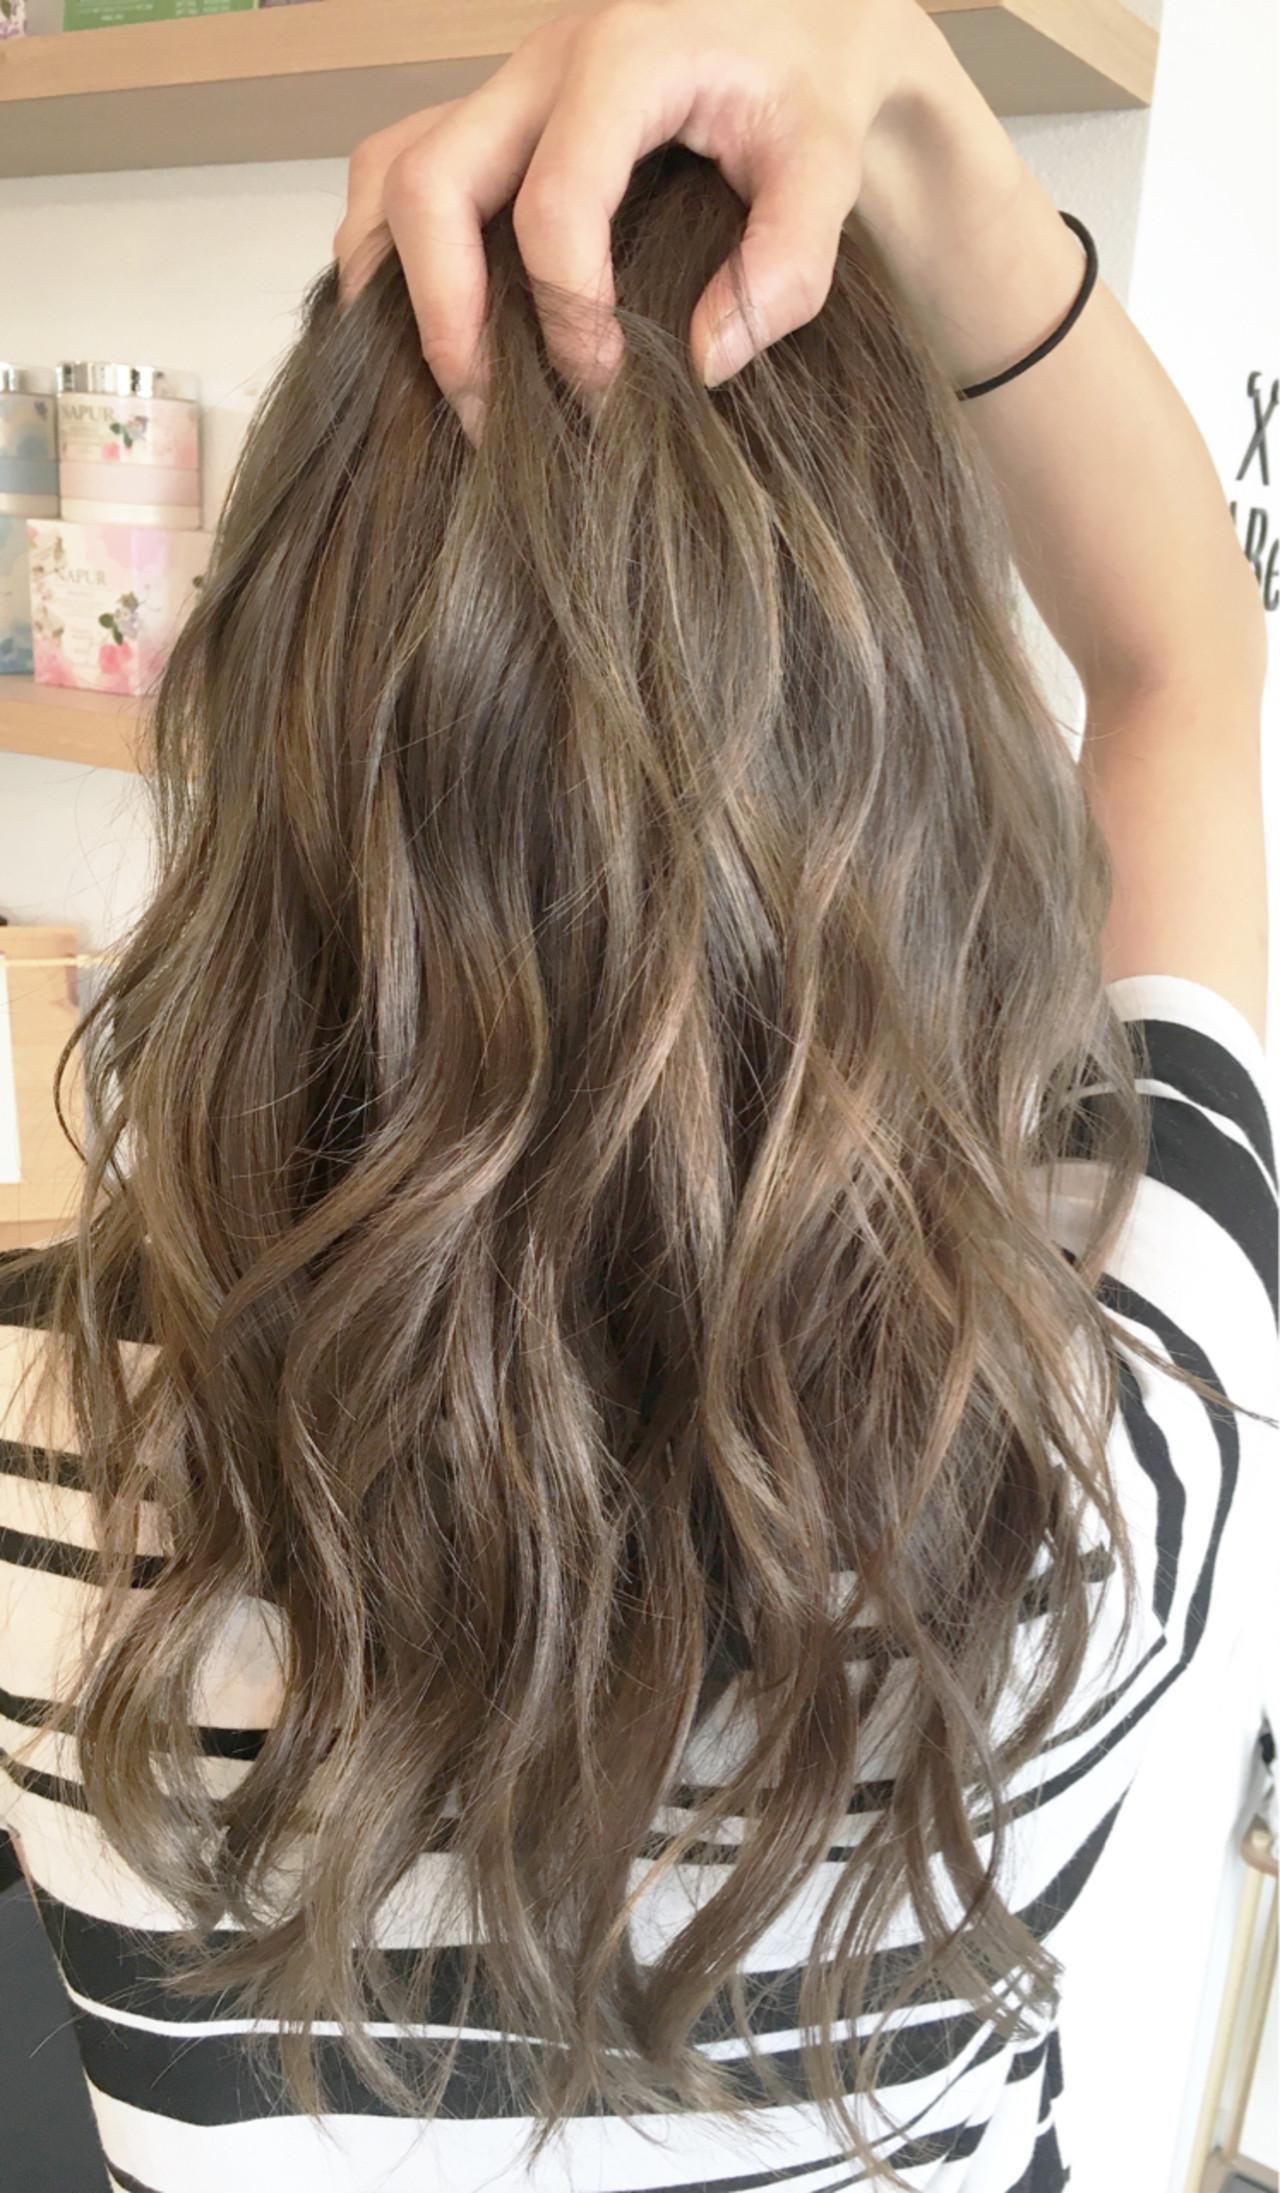 アッシュグレージュ 波ウェーブ コンサバ セミロング ヘアスタイルや髪型の写真・画像 | 鳥越 ありさ / hair…nail  TLABeS